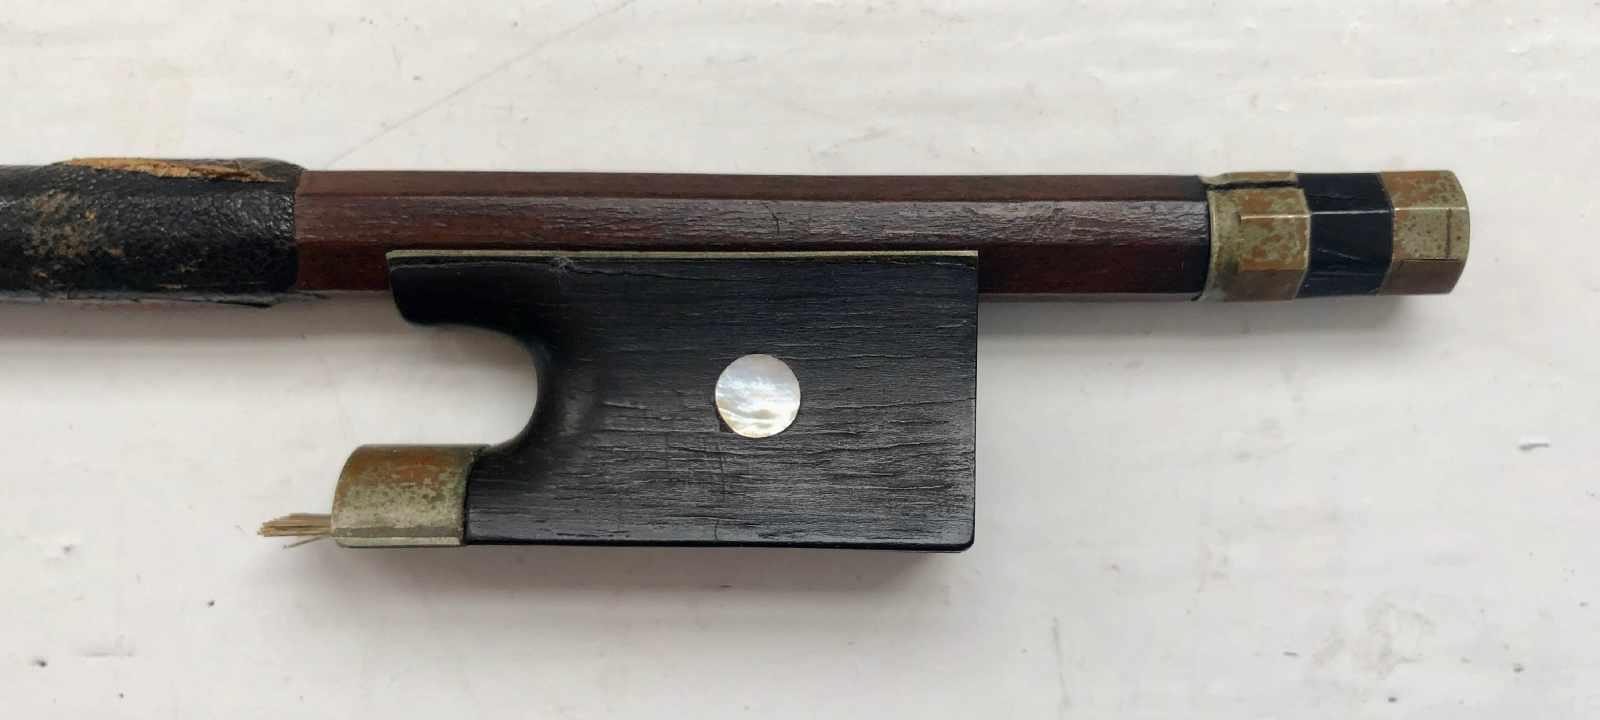 Lot 60 - 1/2 Violinbogen, deutsch, ohne Bewicklung und Haare, L.: 63 cm.